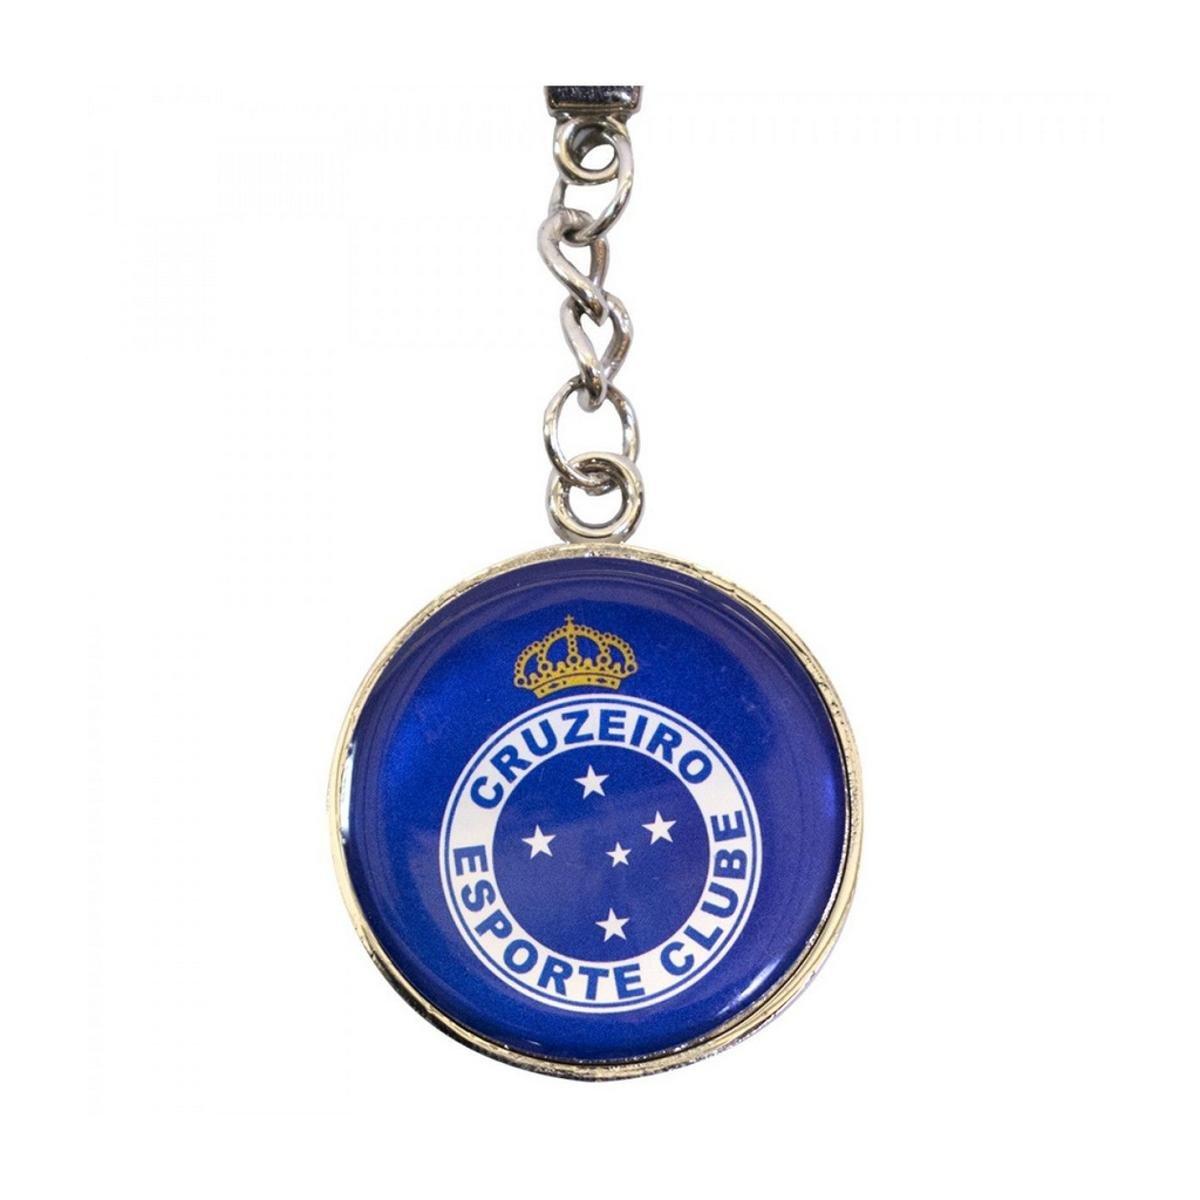 Chaveiro De Metal Com Brasão De Time Cruzeiro - Azul - Compre Agora ... dd44606cdf18e